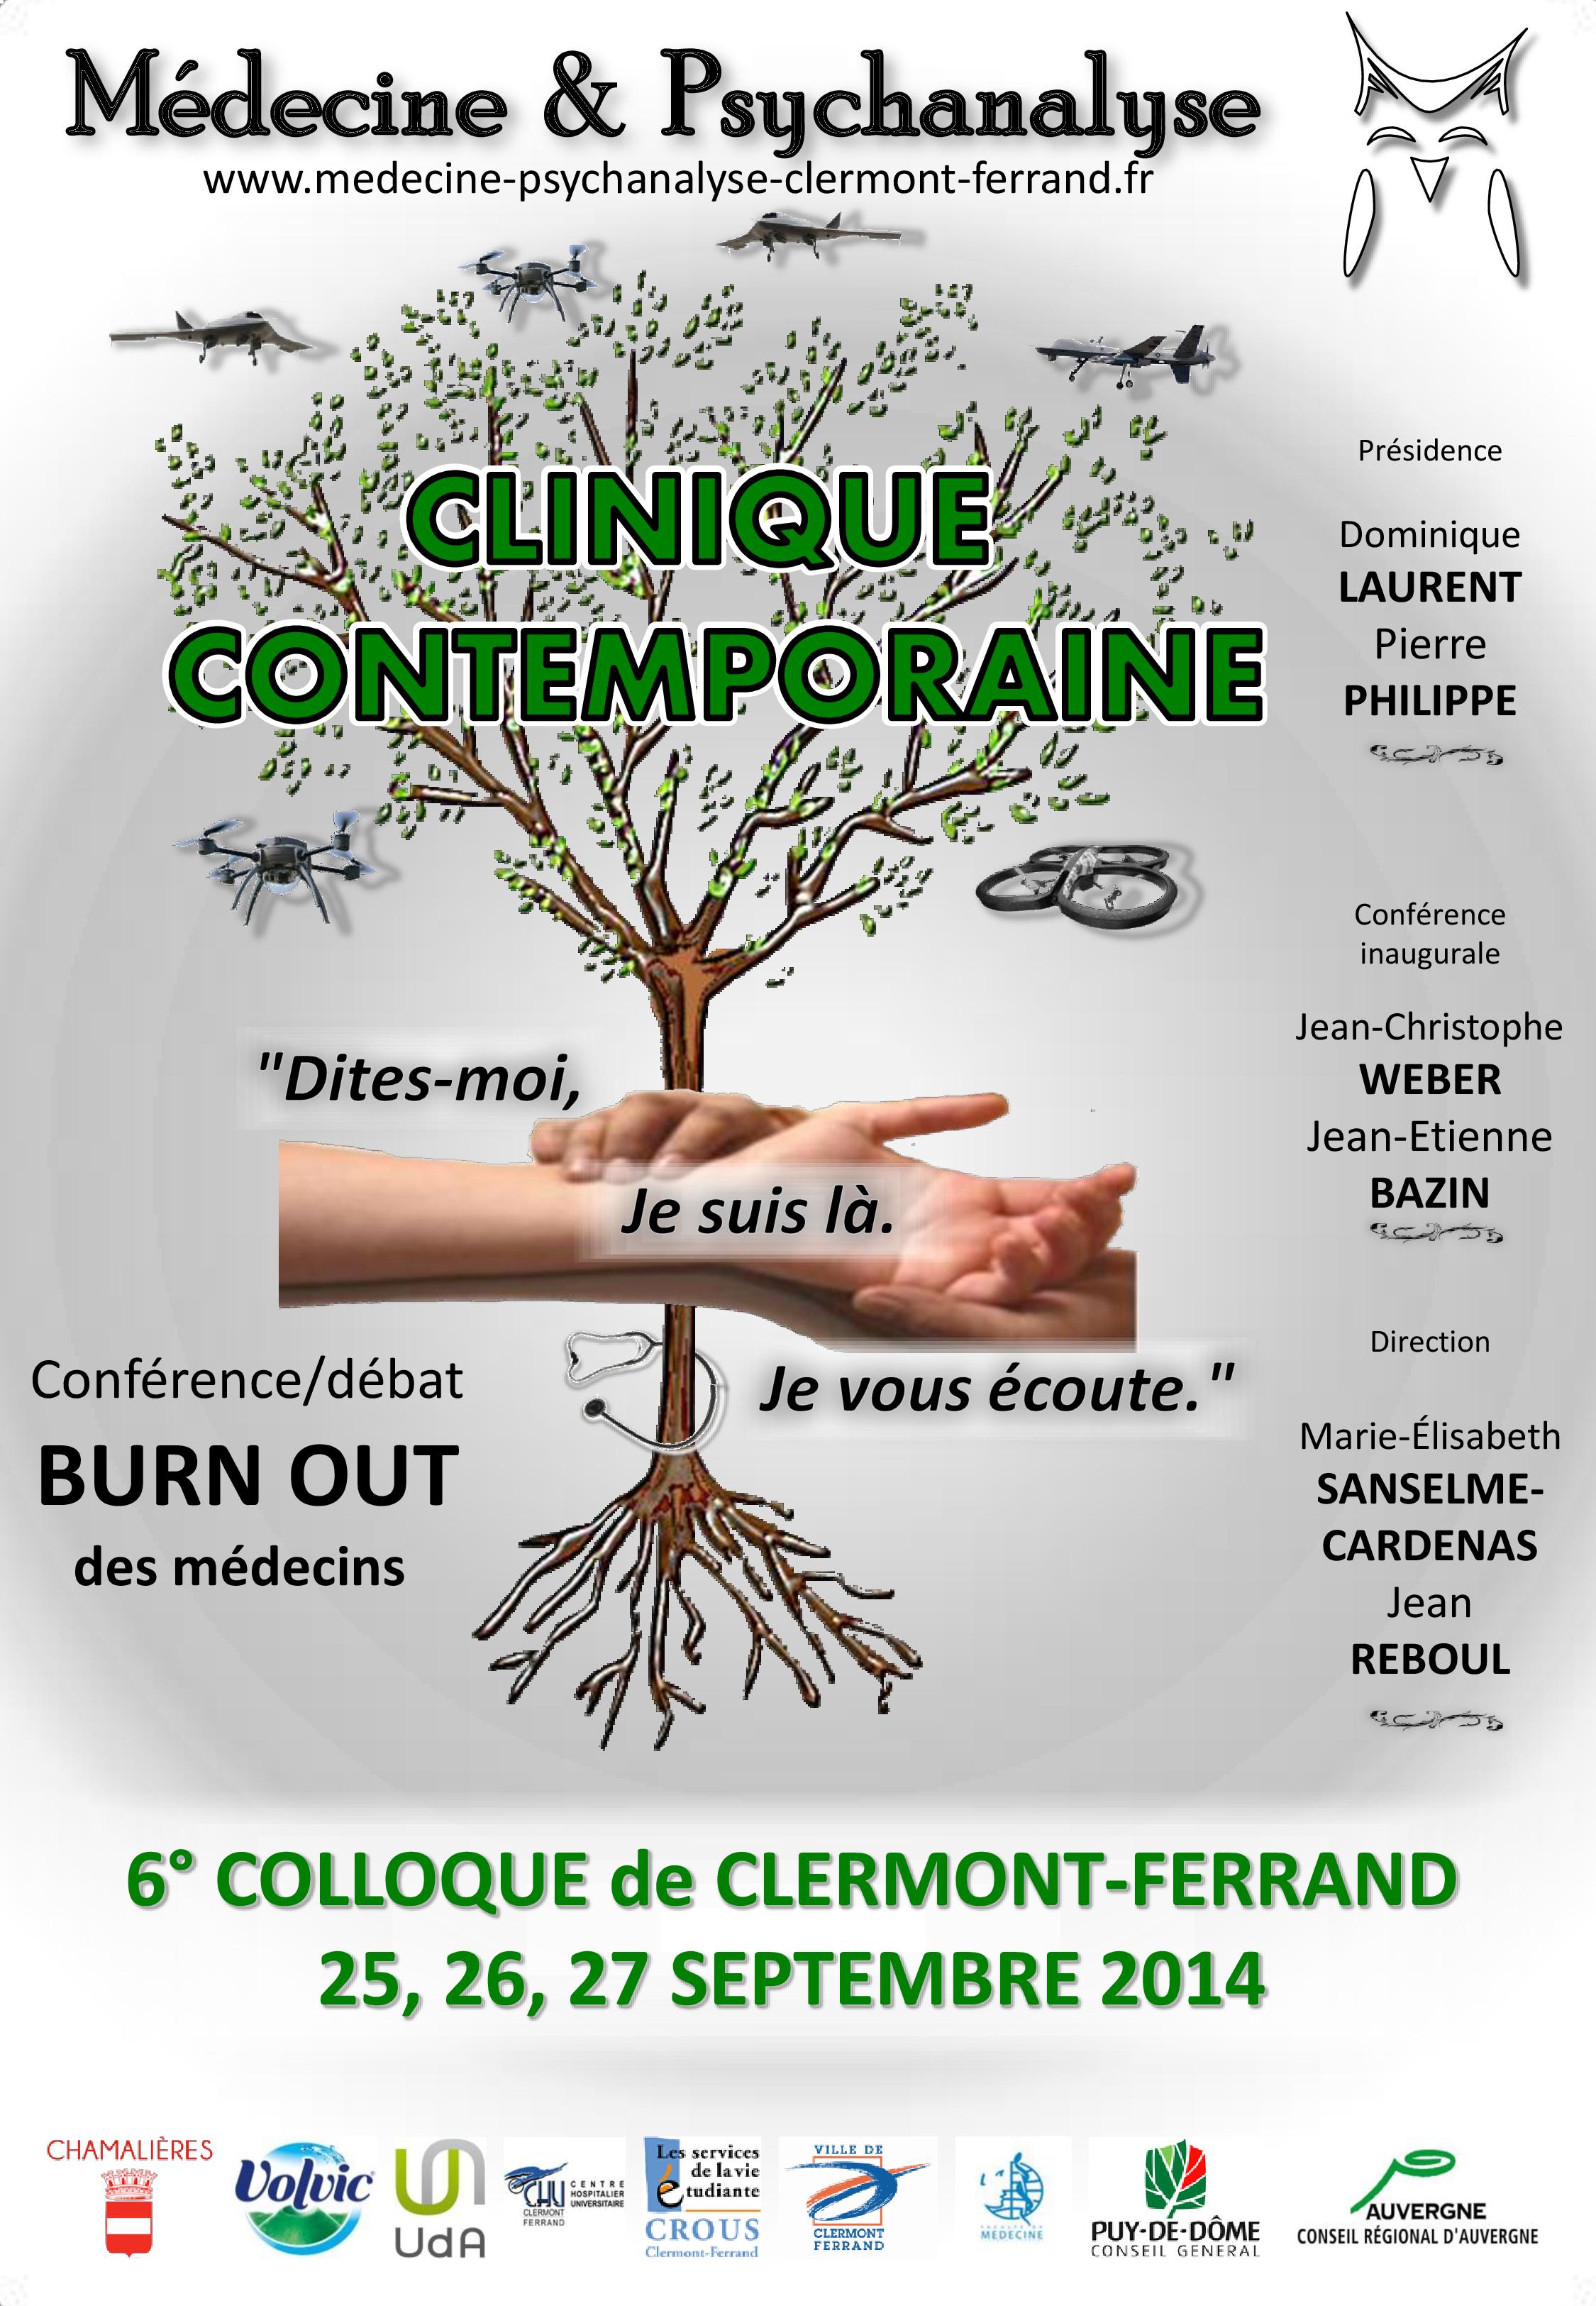 Affiche du 6ème colloque Médecine et Psychanalyse